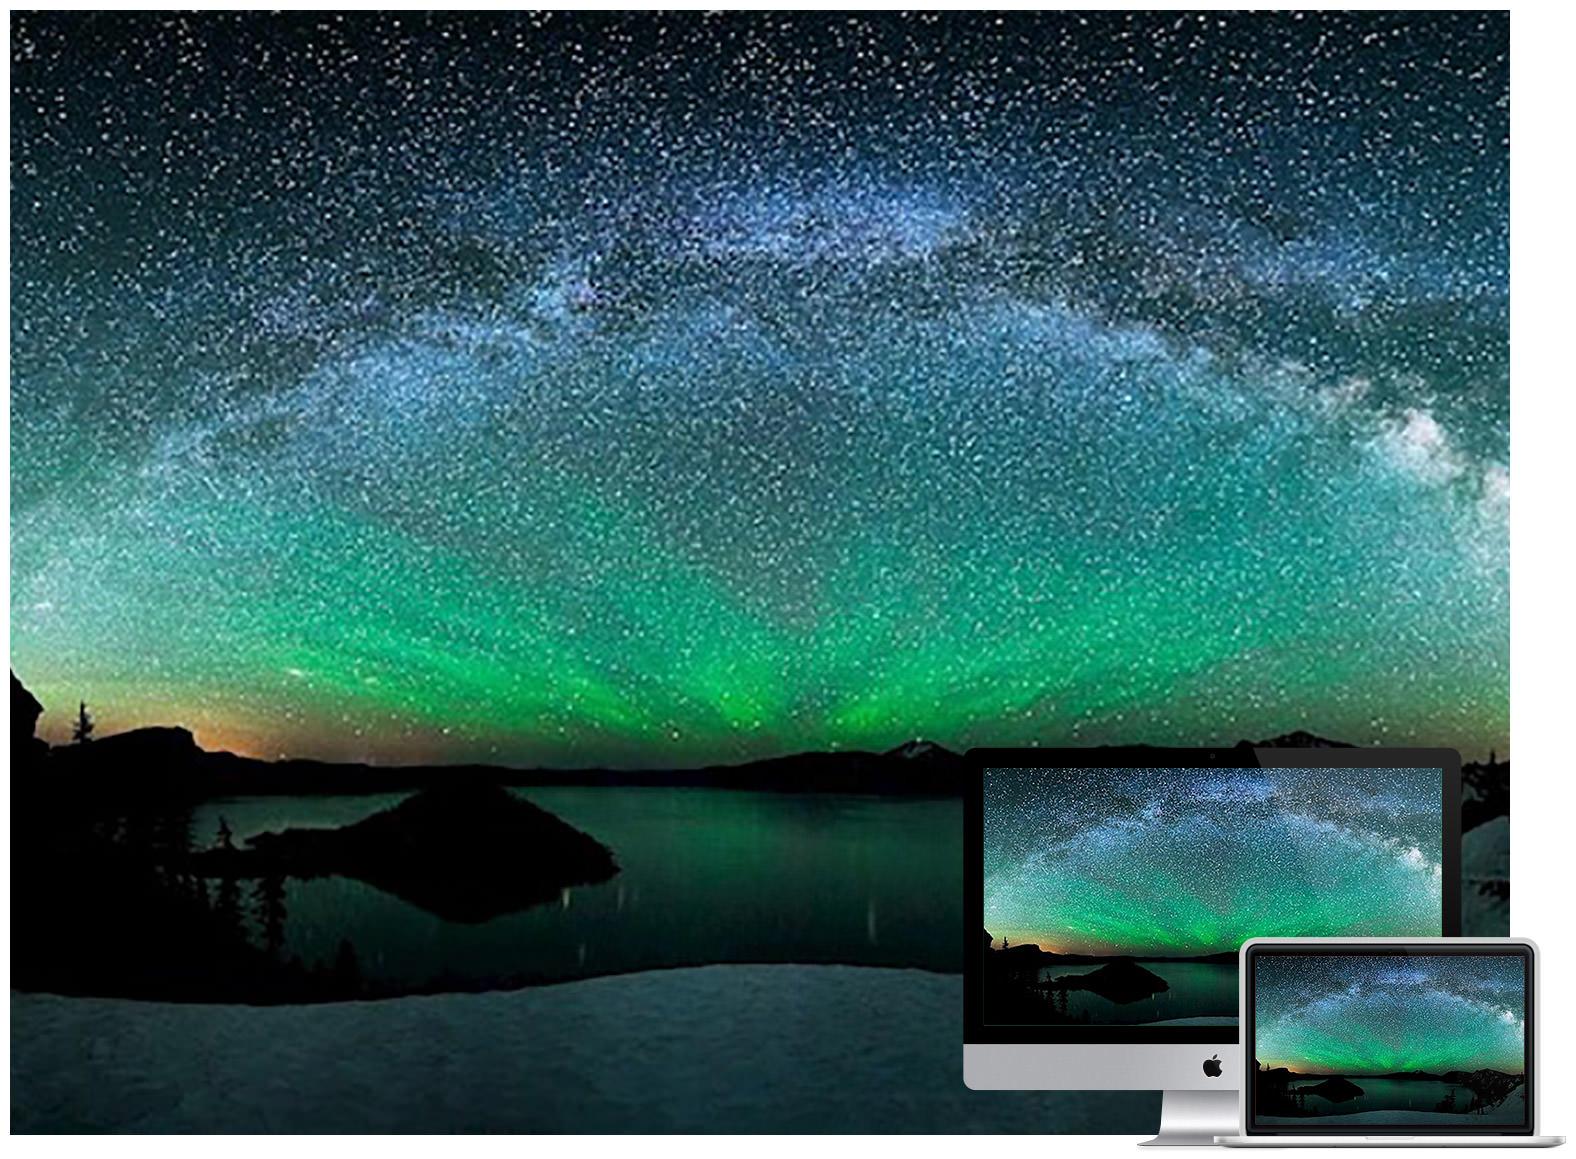 green-aurora-borealis